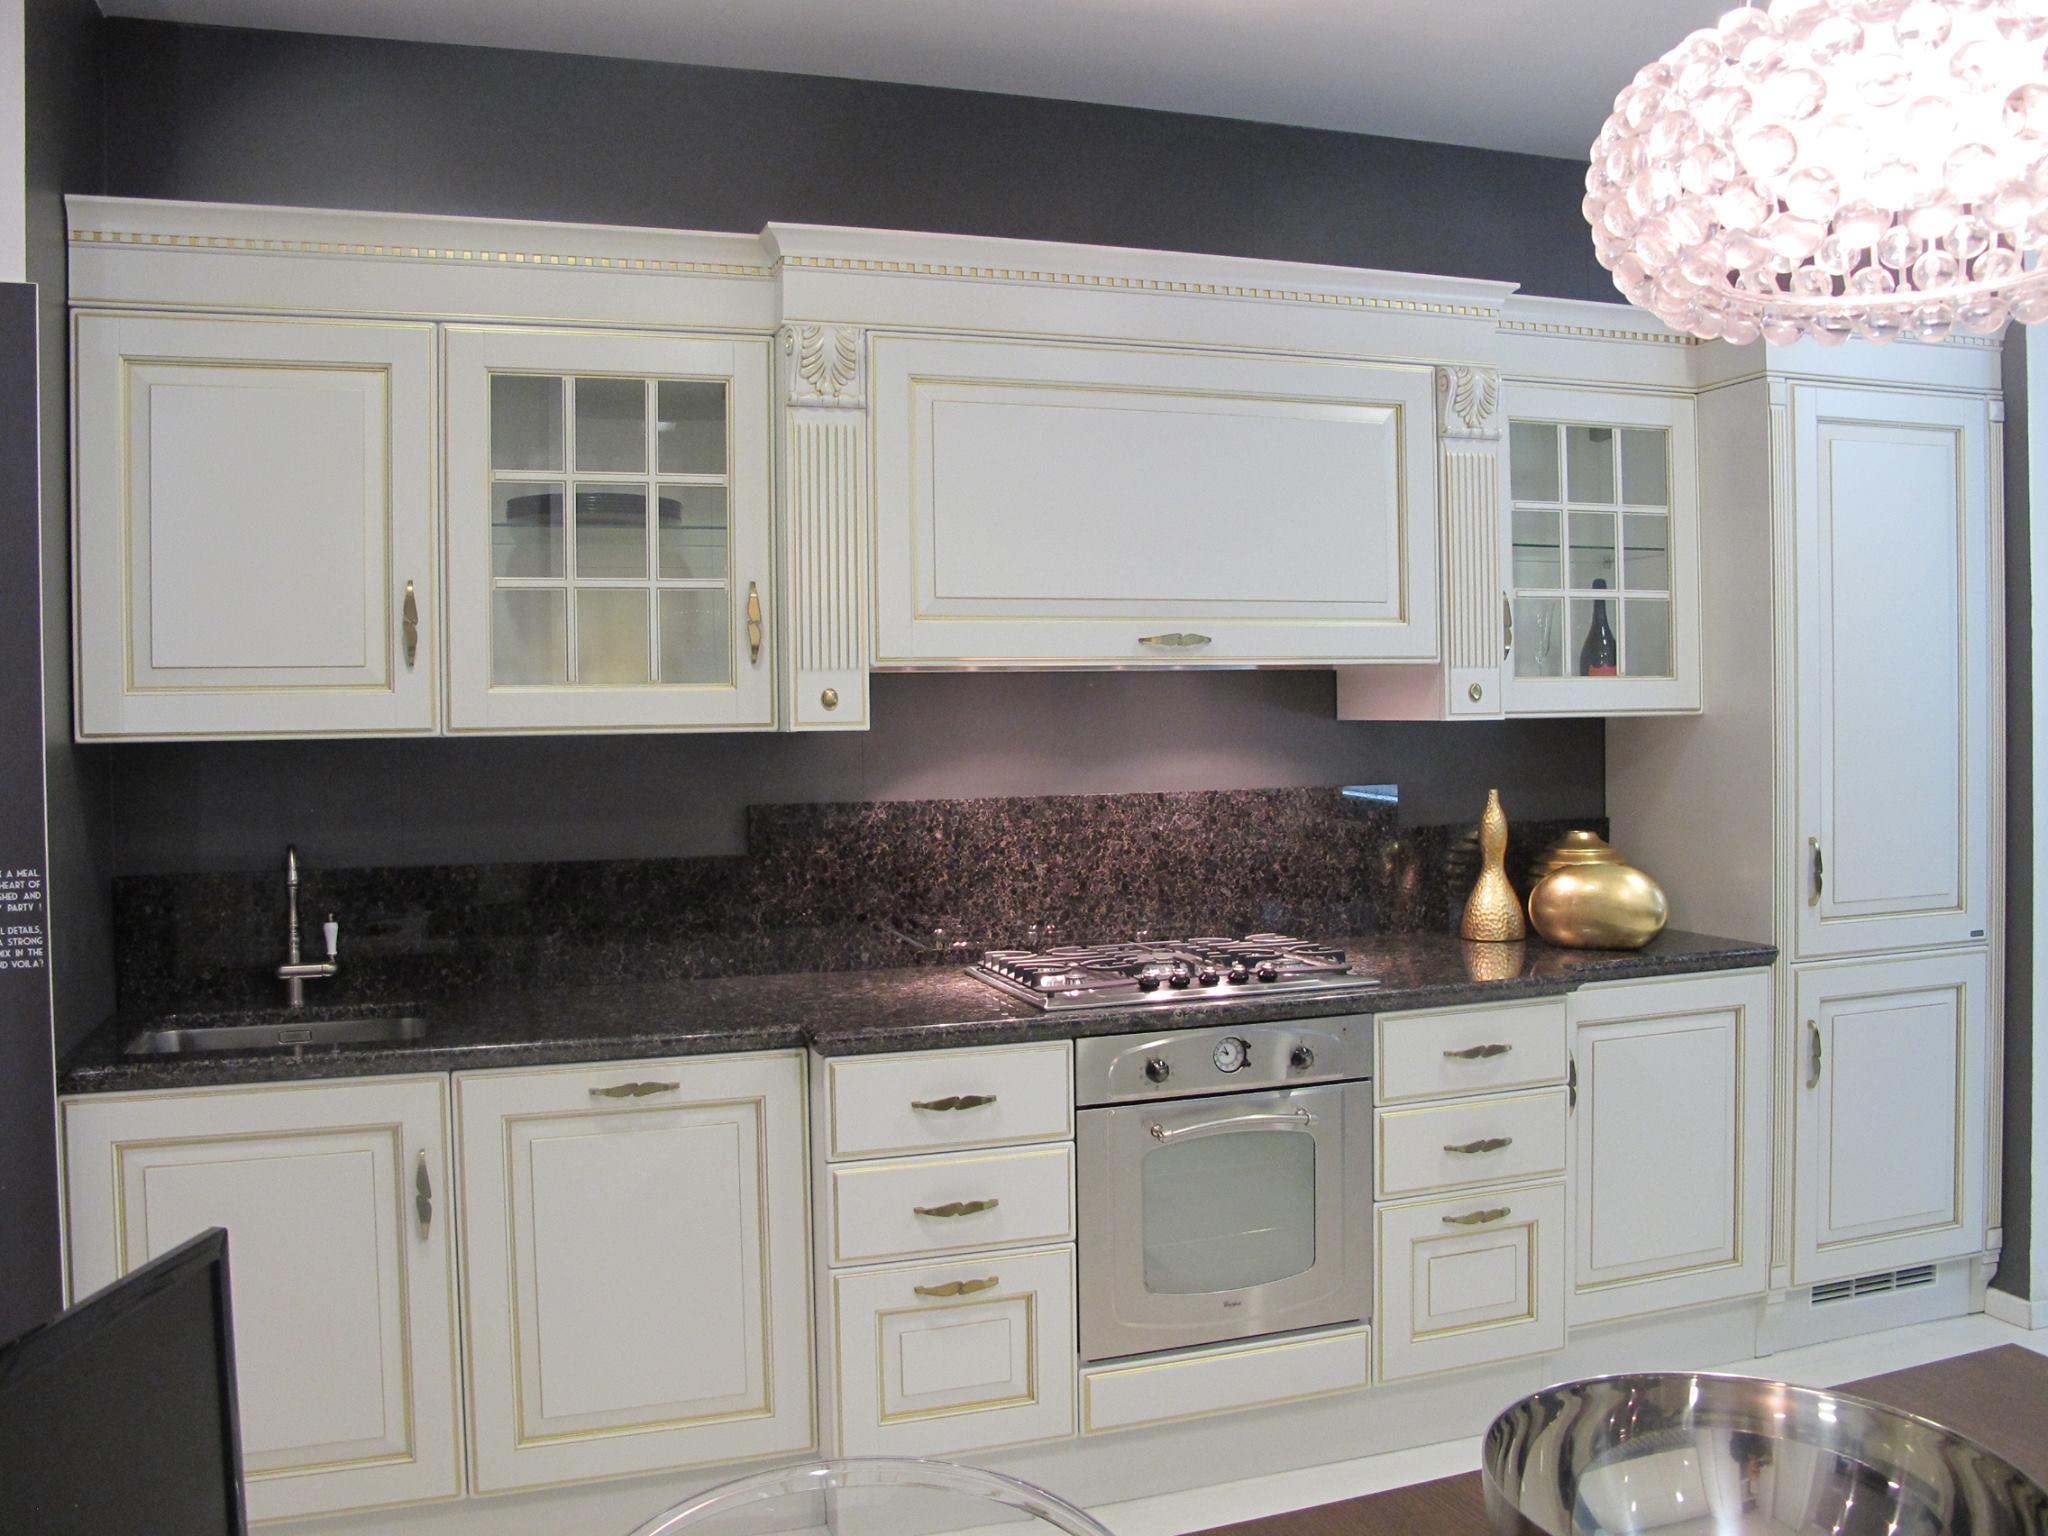 Cucina scavolini baltimora classiche laccate opaco bianca for Cucina classica bianca